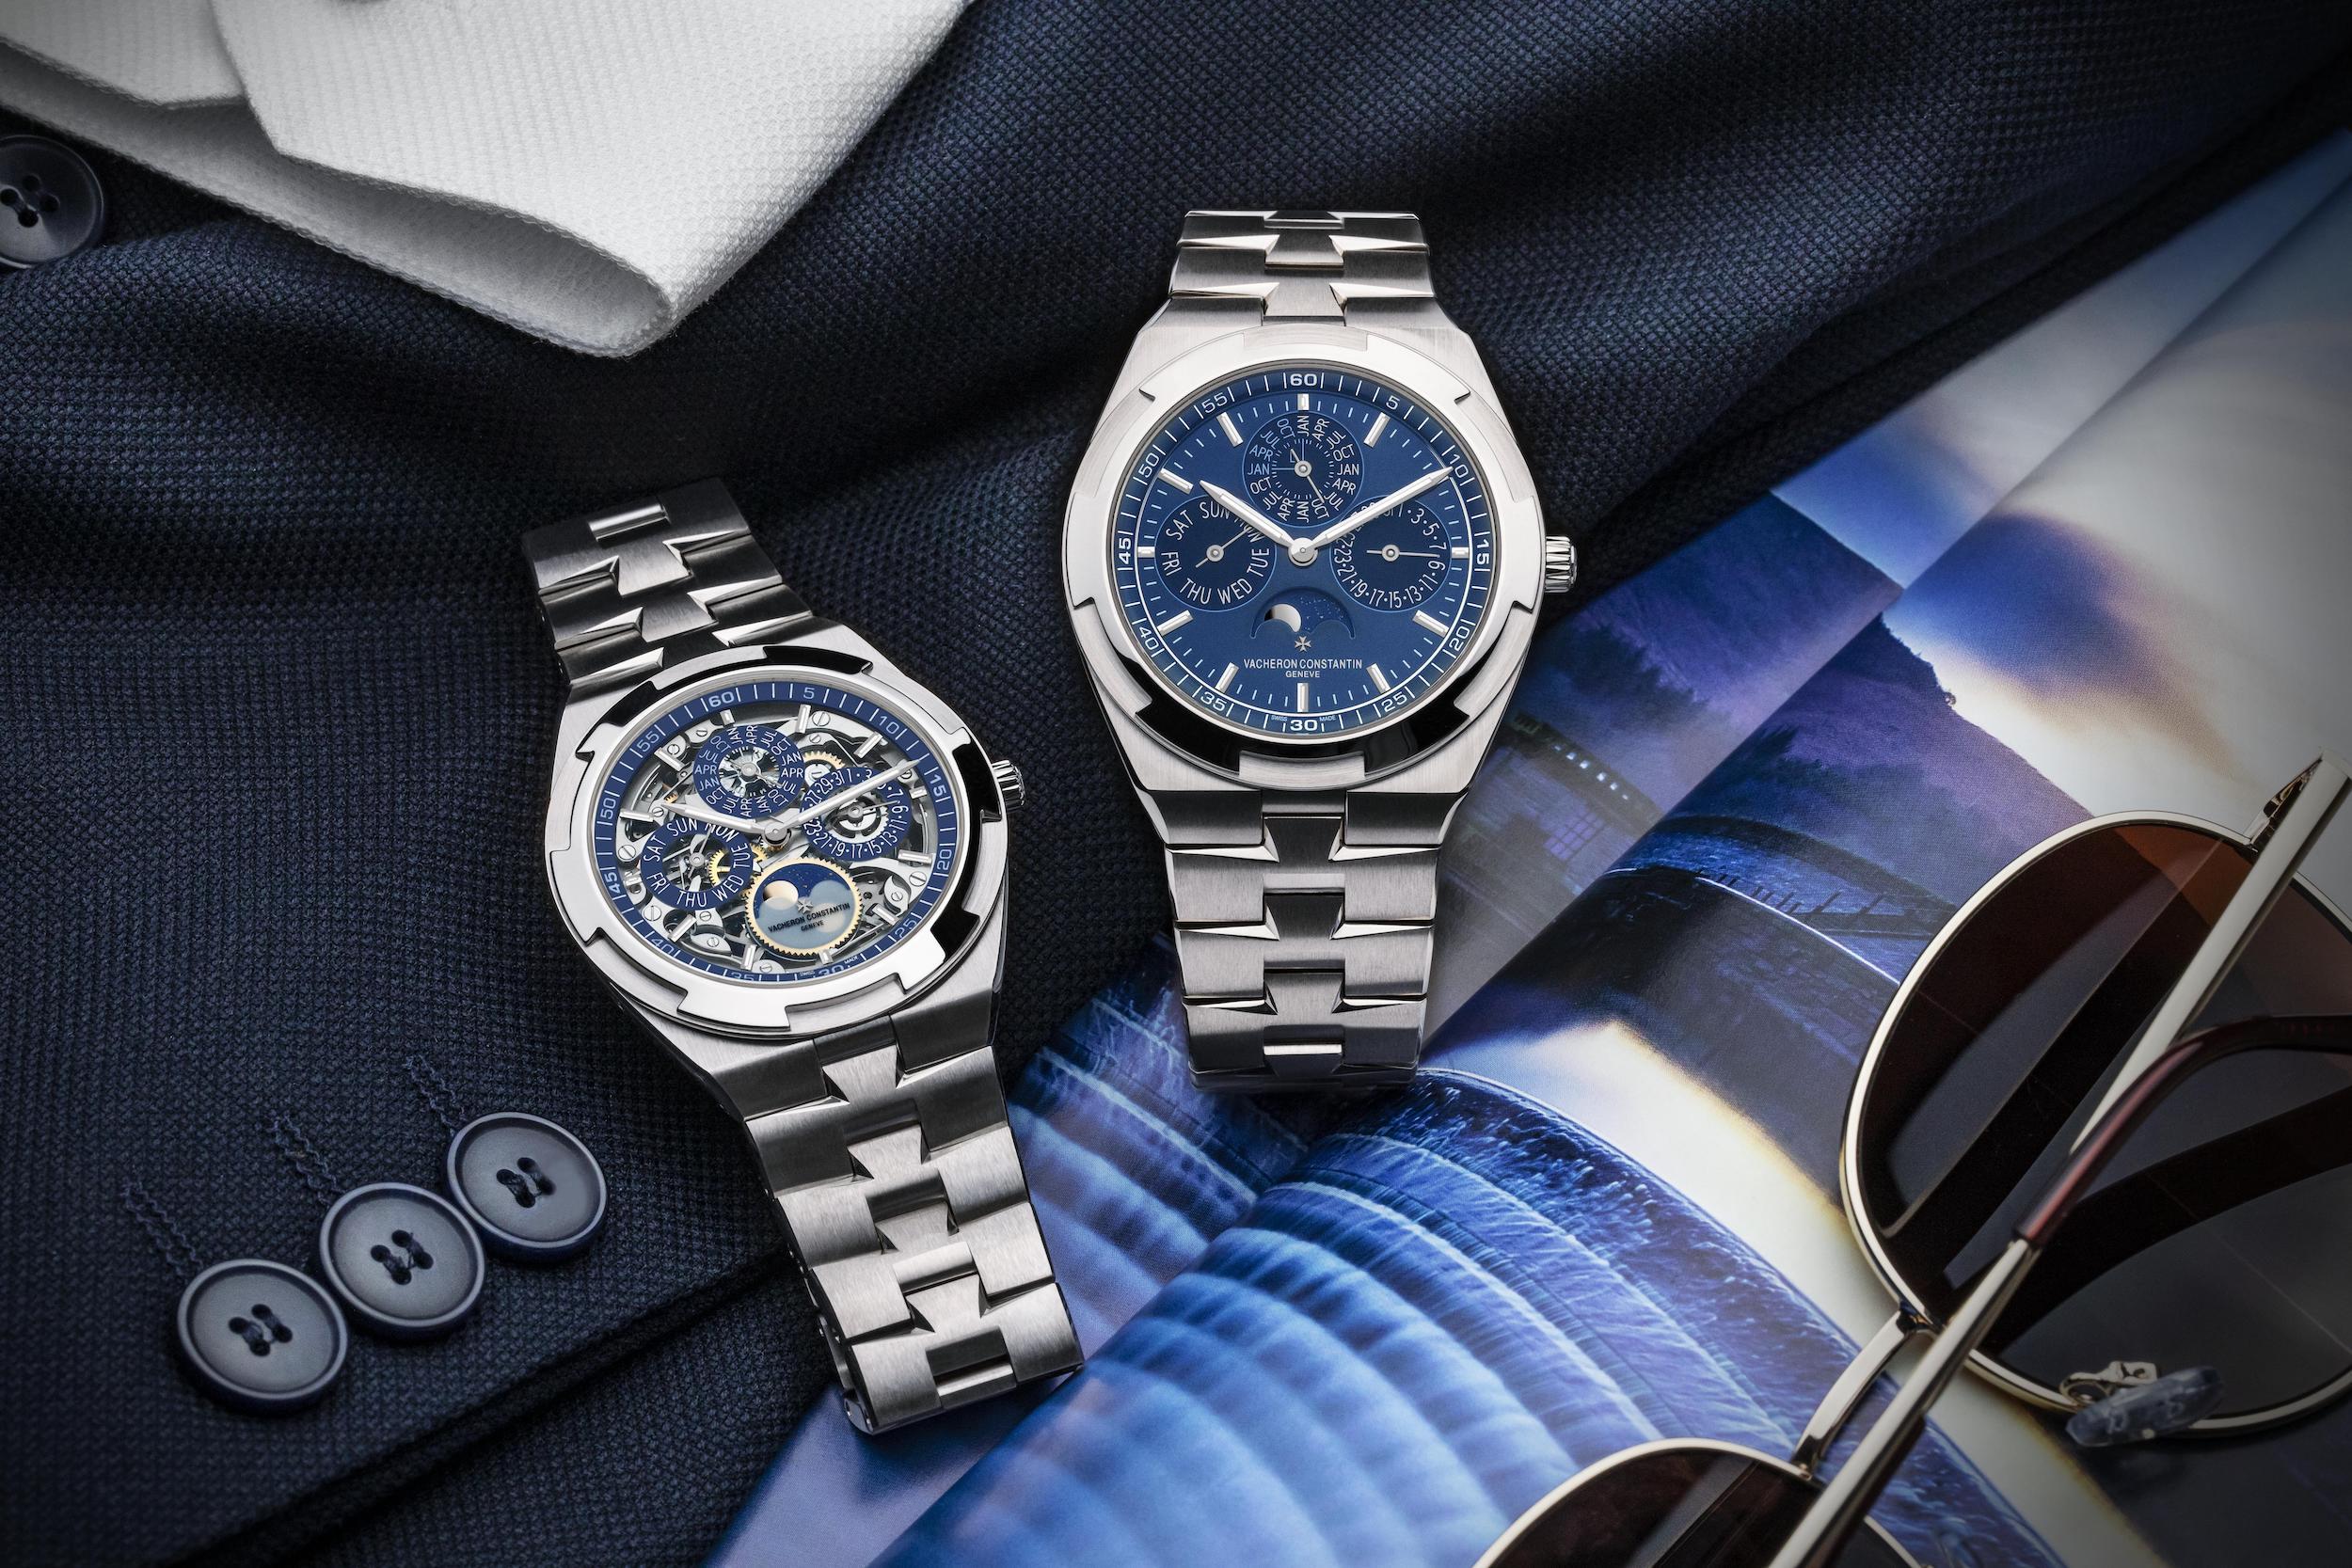 2021 Vacheron Constantin Overseas Perpetual Calendar Ultra-Thin timepieces